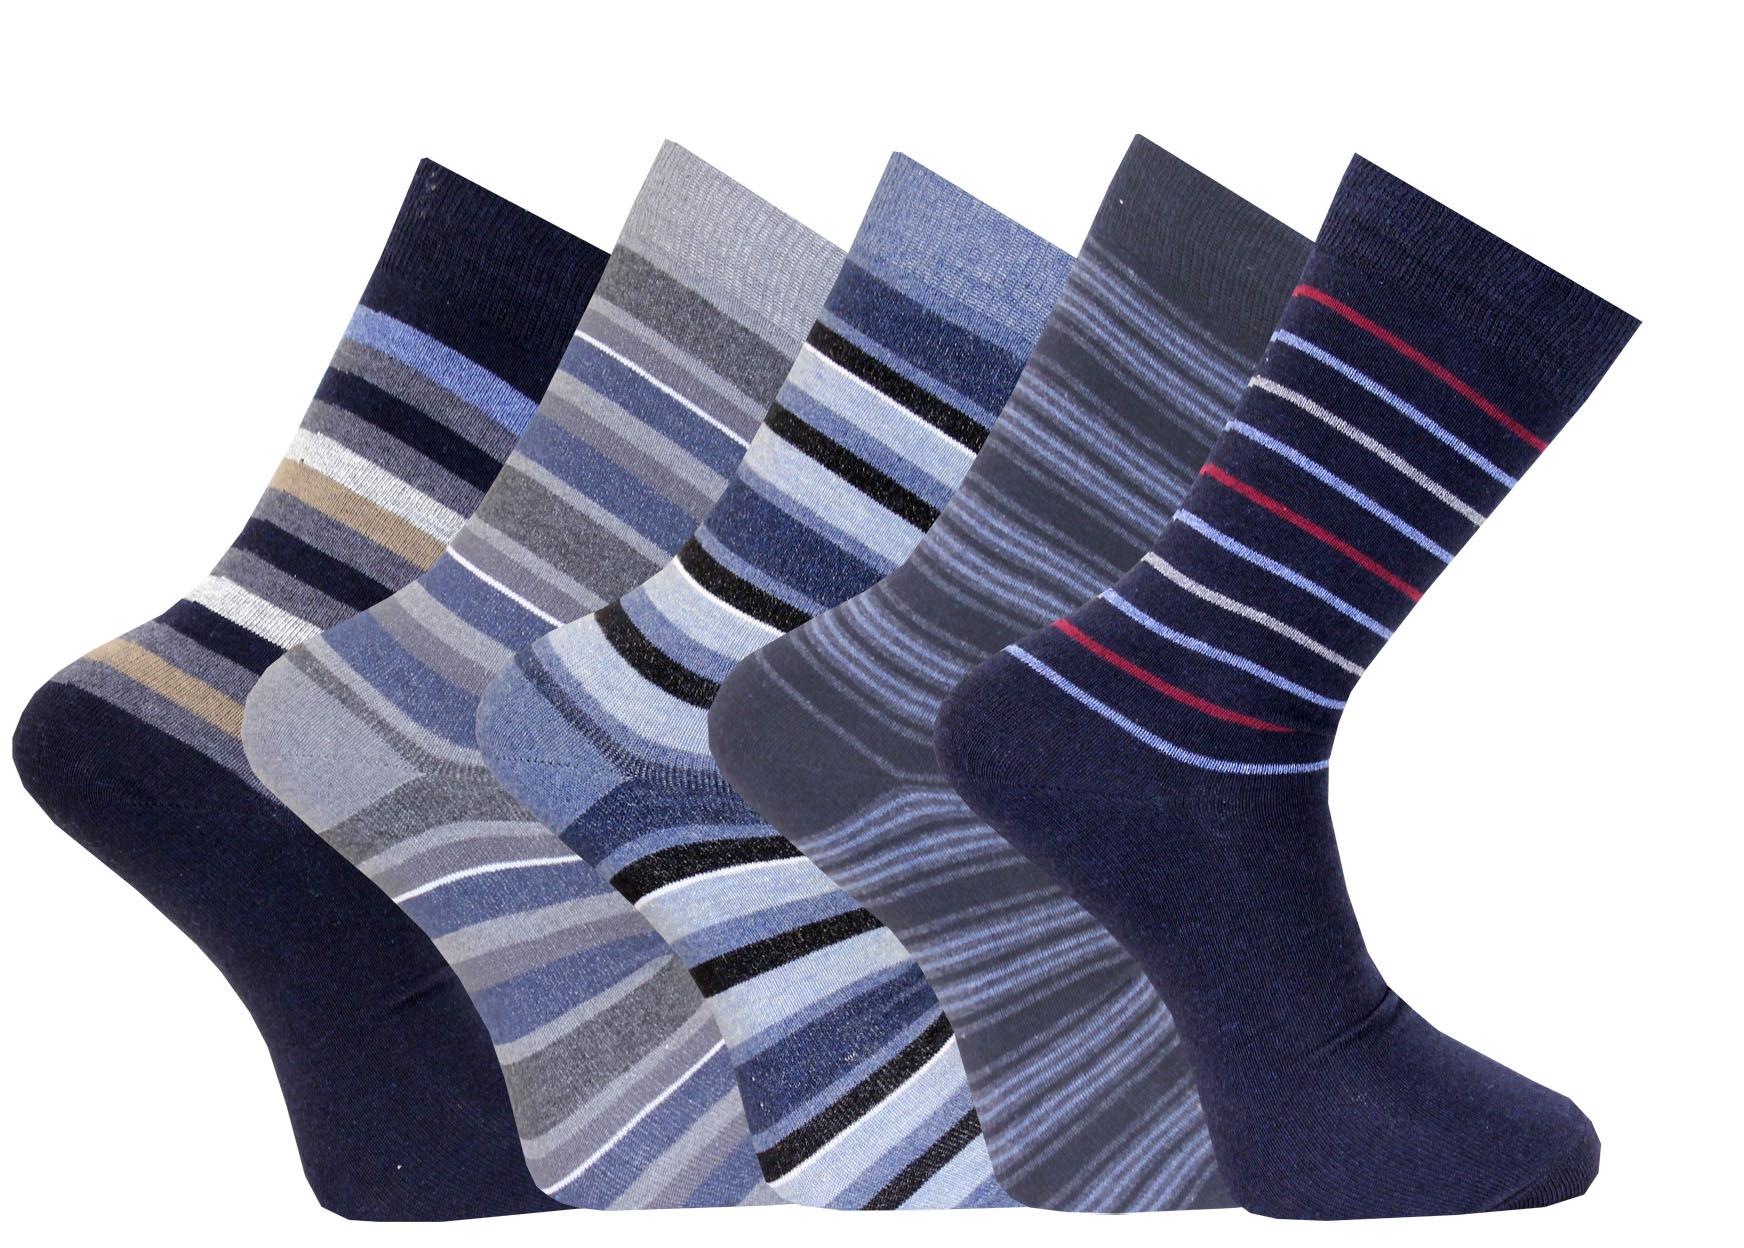 Bestel 2x een multi-pack sokken en profiteer van 5 euro extra voordeel! 5-pack sokken van het Zweedse merk Capital in diverse kleuren, gemaakt van 80% katoen. 15% polyamide, 5% elastic.